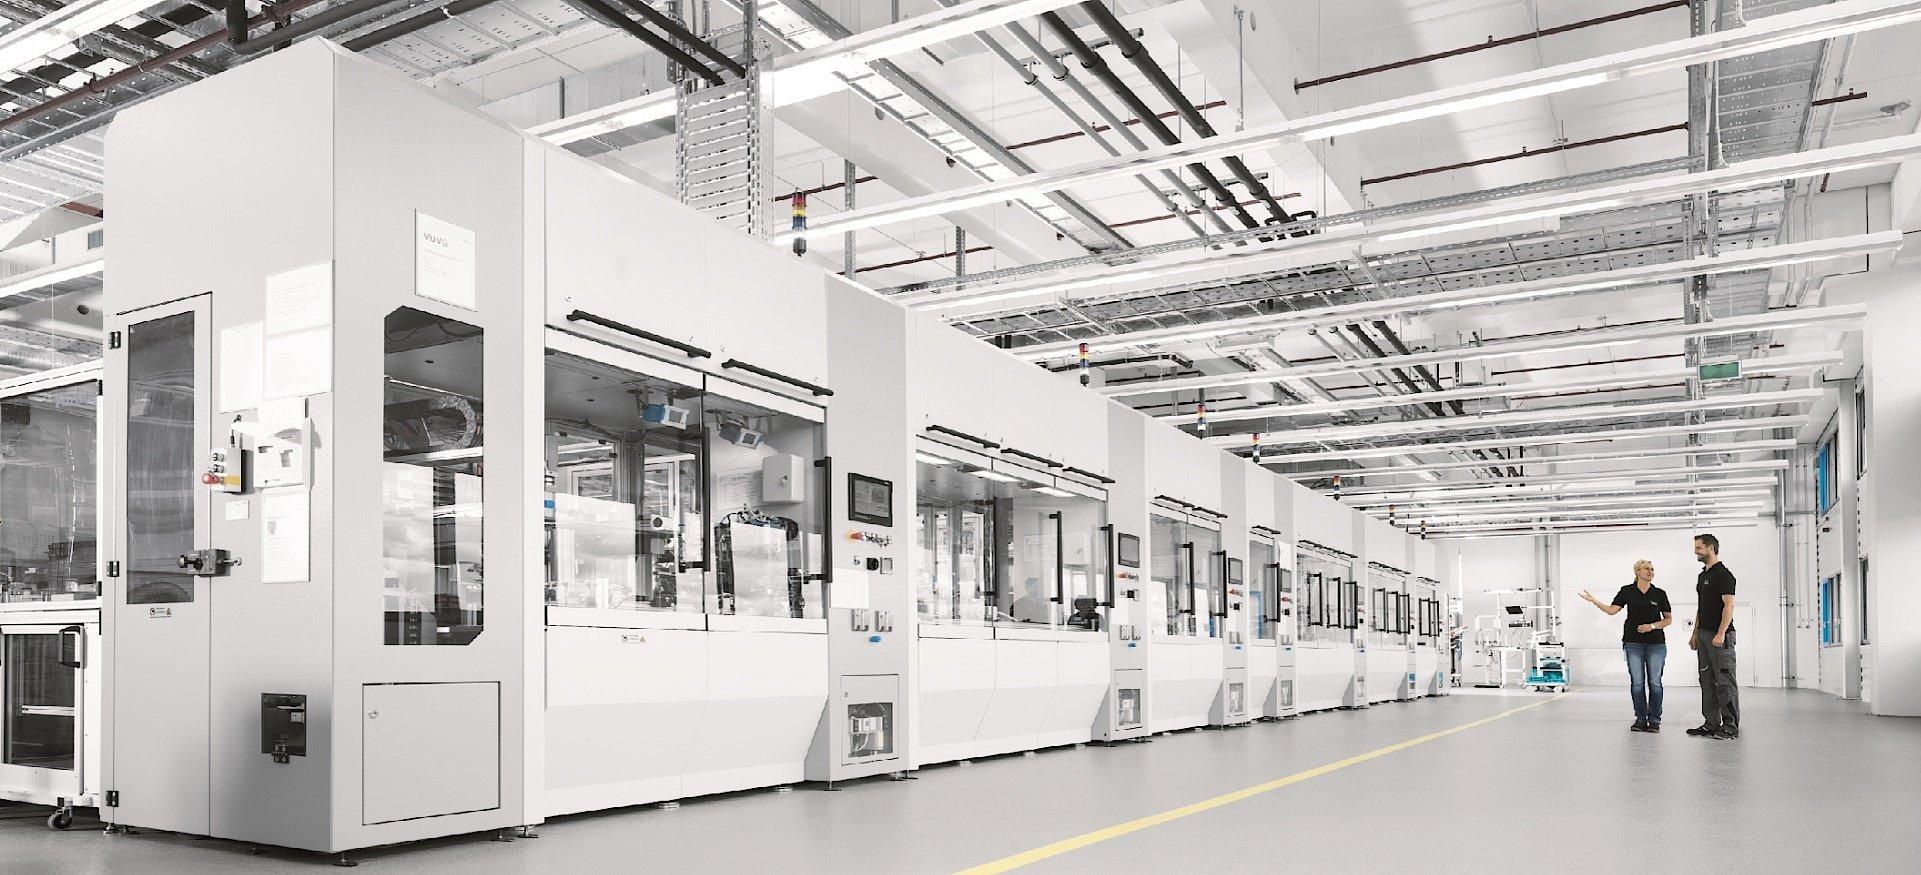 Willkommen in Baden-Württemberg – der Innovationsregion Nr. 1 in Europa